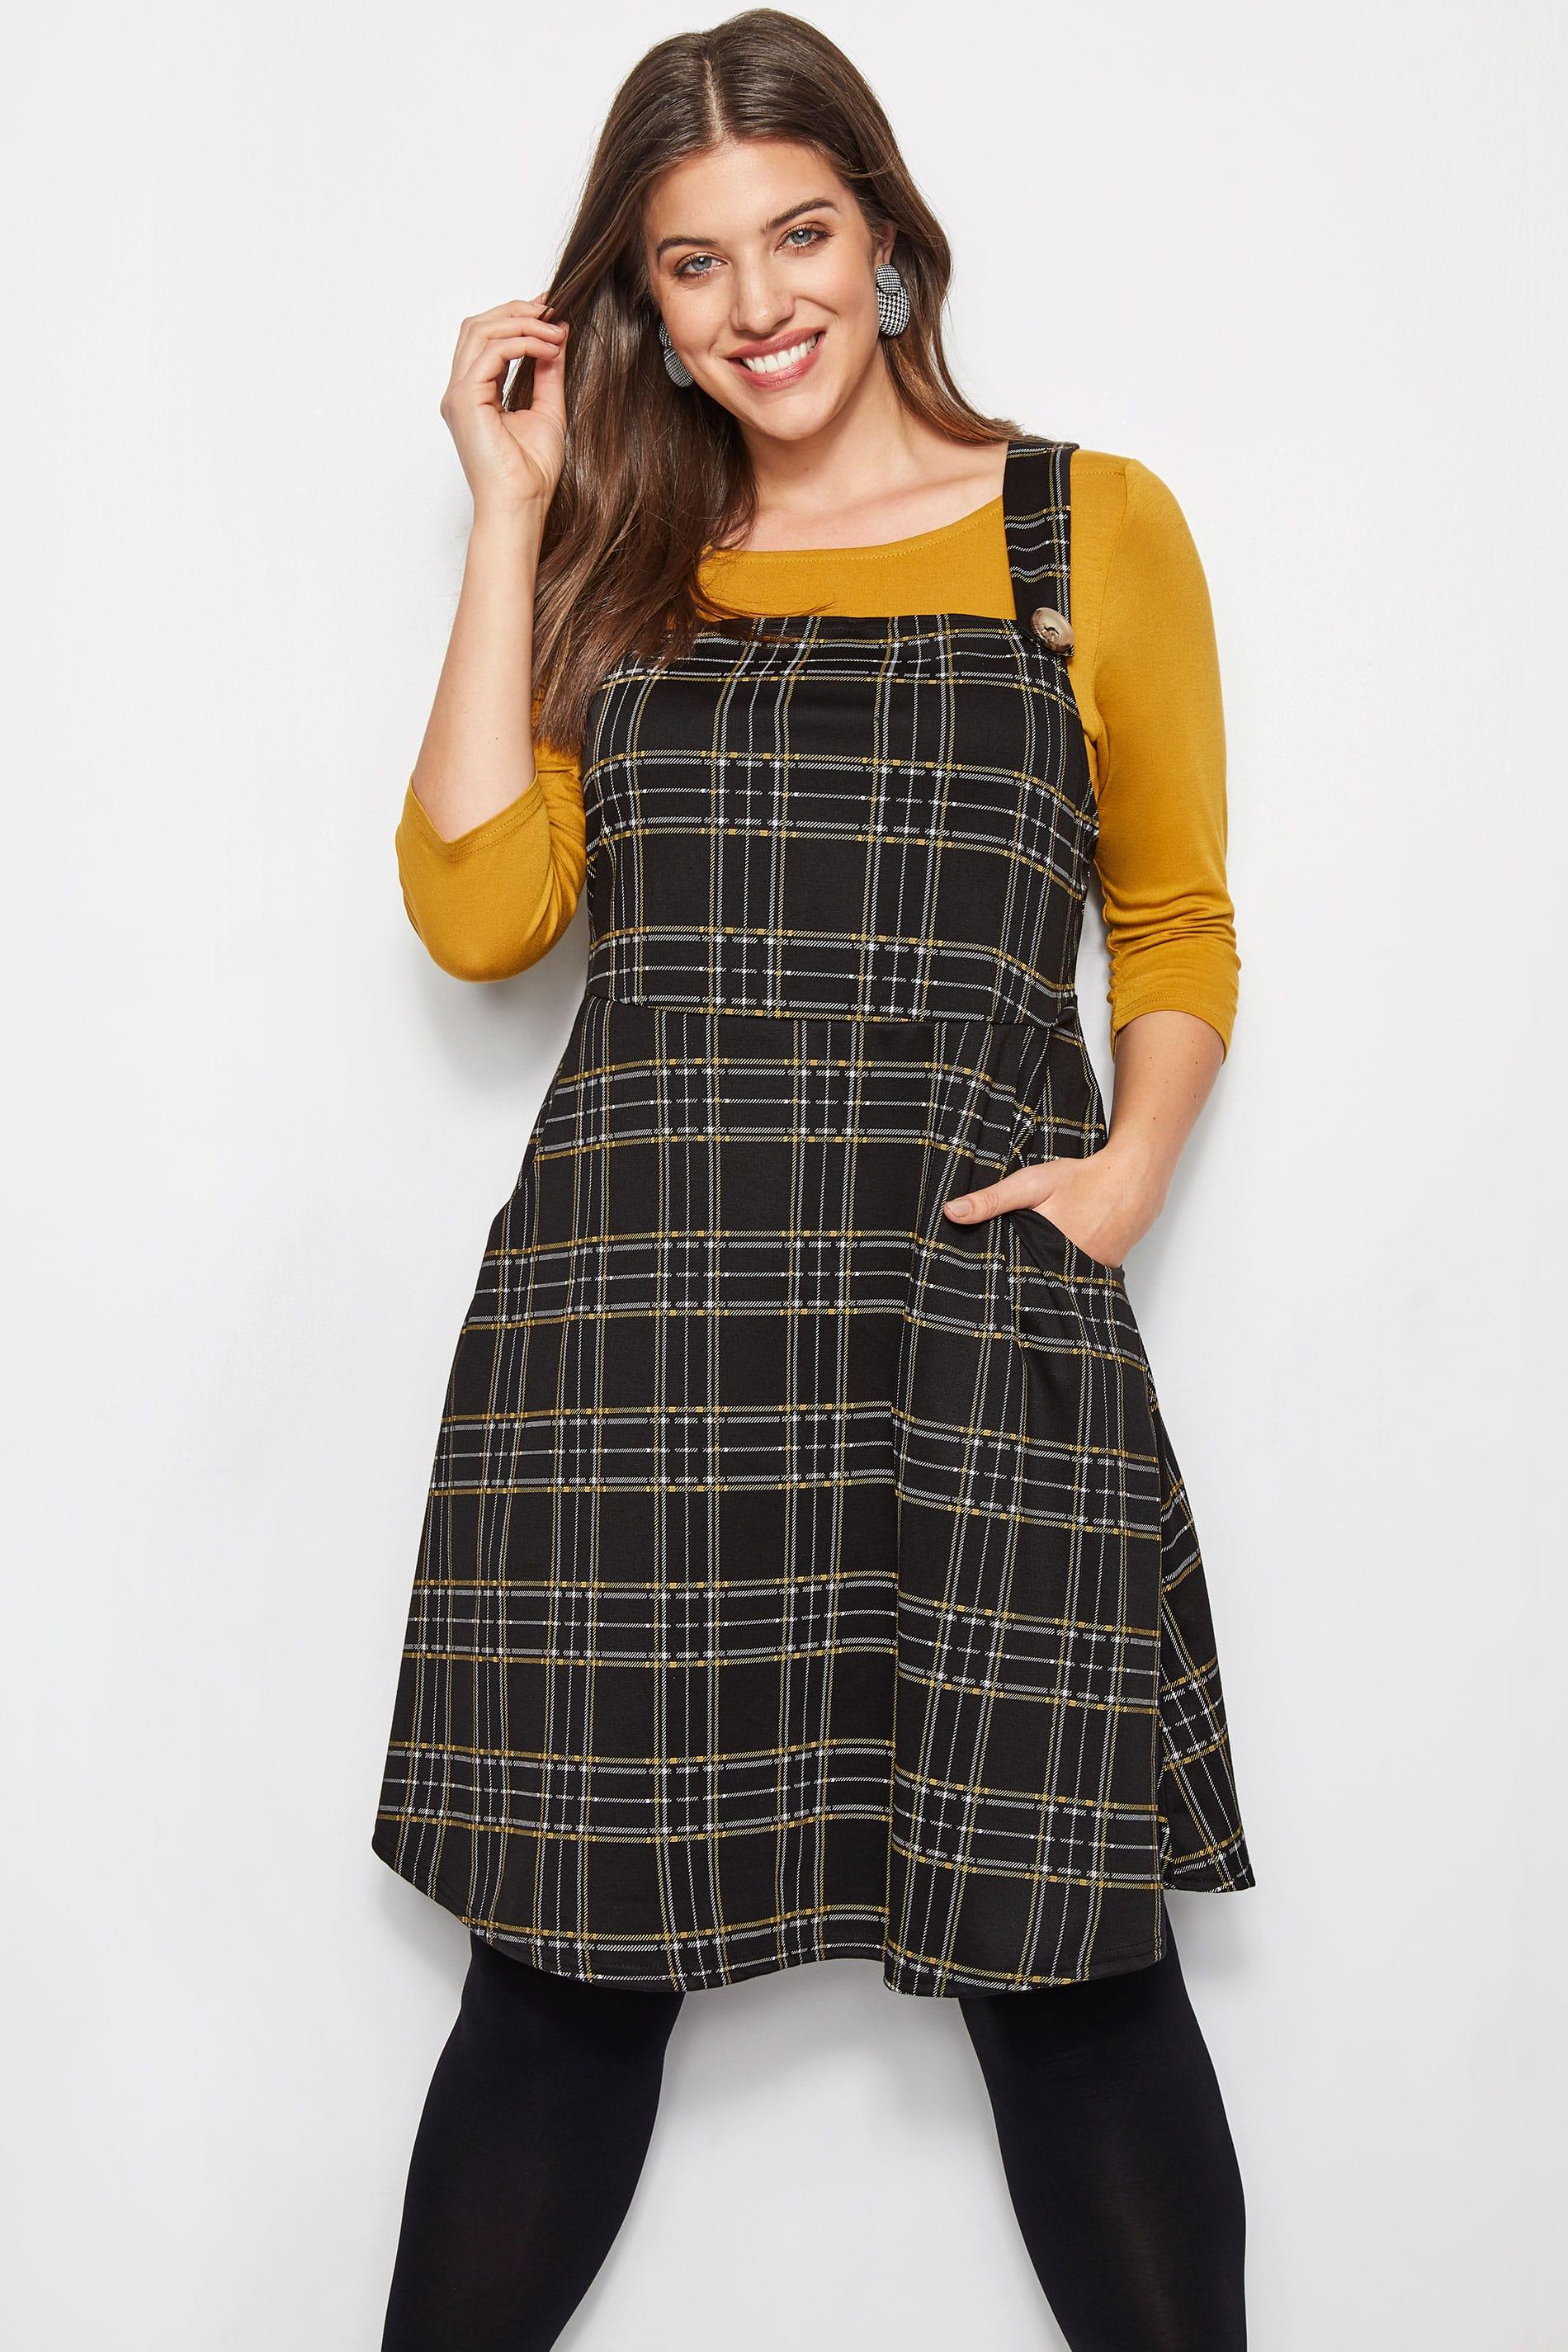 Black & Yellow Check Pinafore Dress